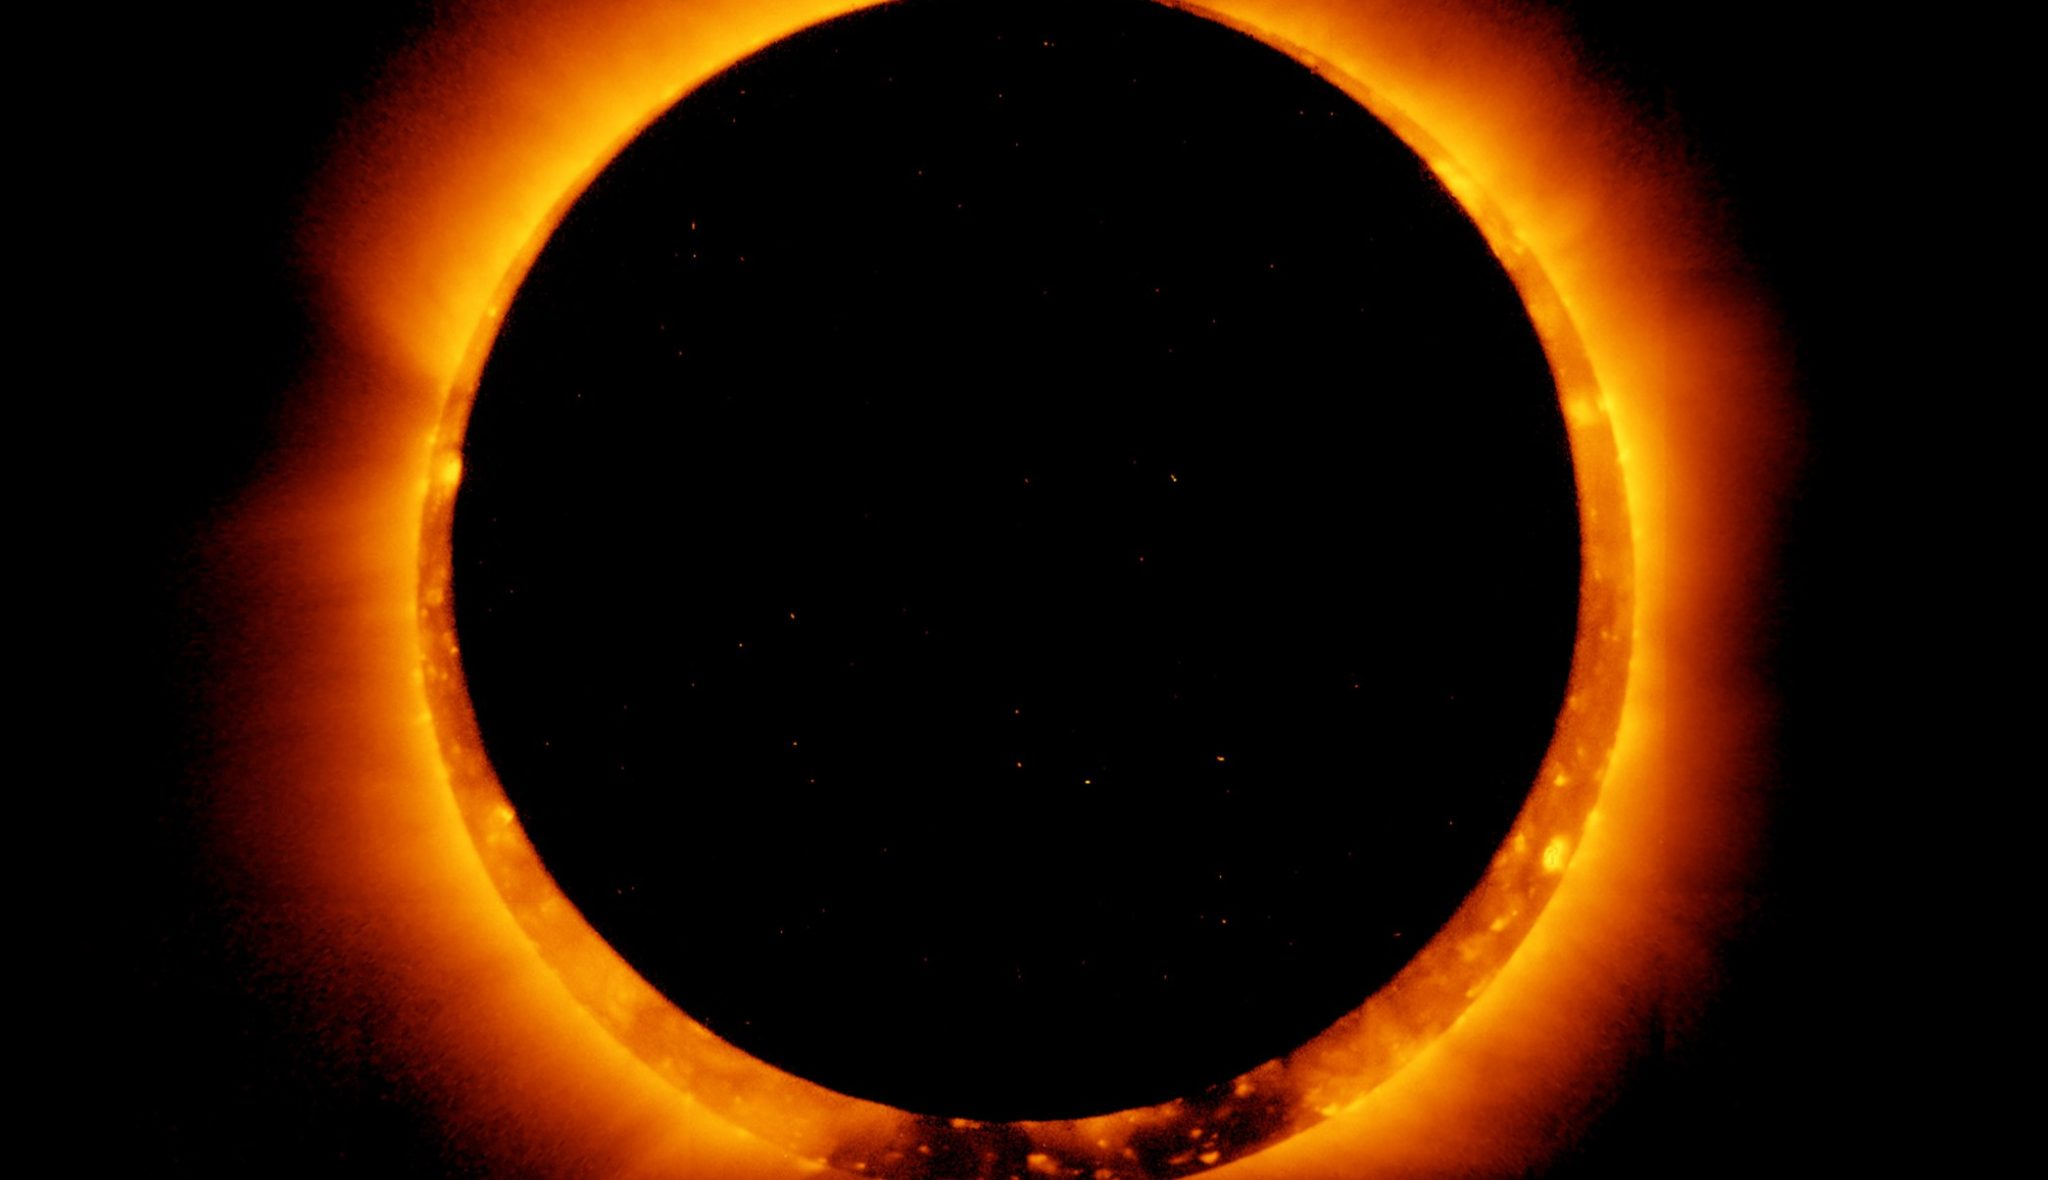 El próximo lunes habrá eclipse total de sol en Chile